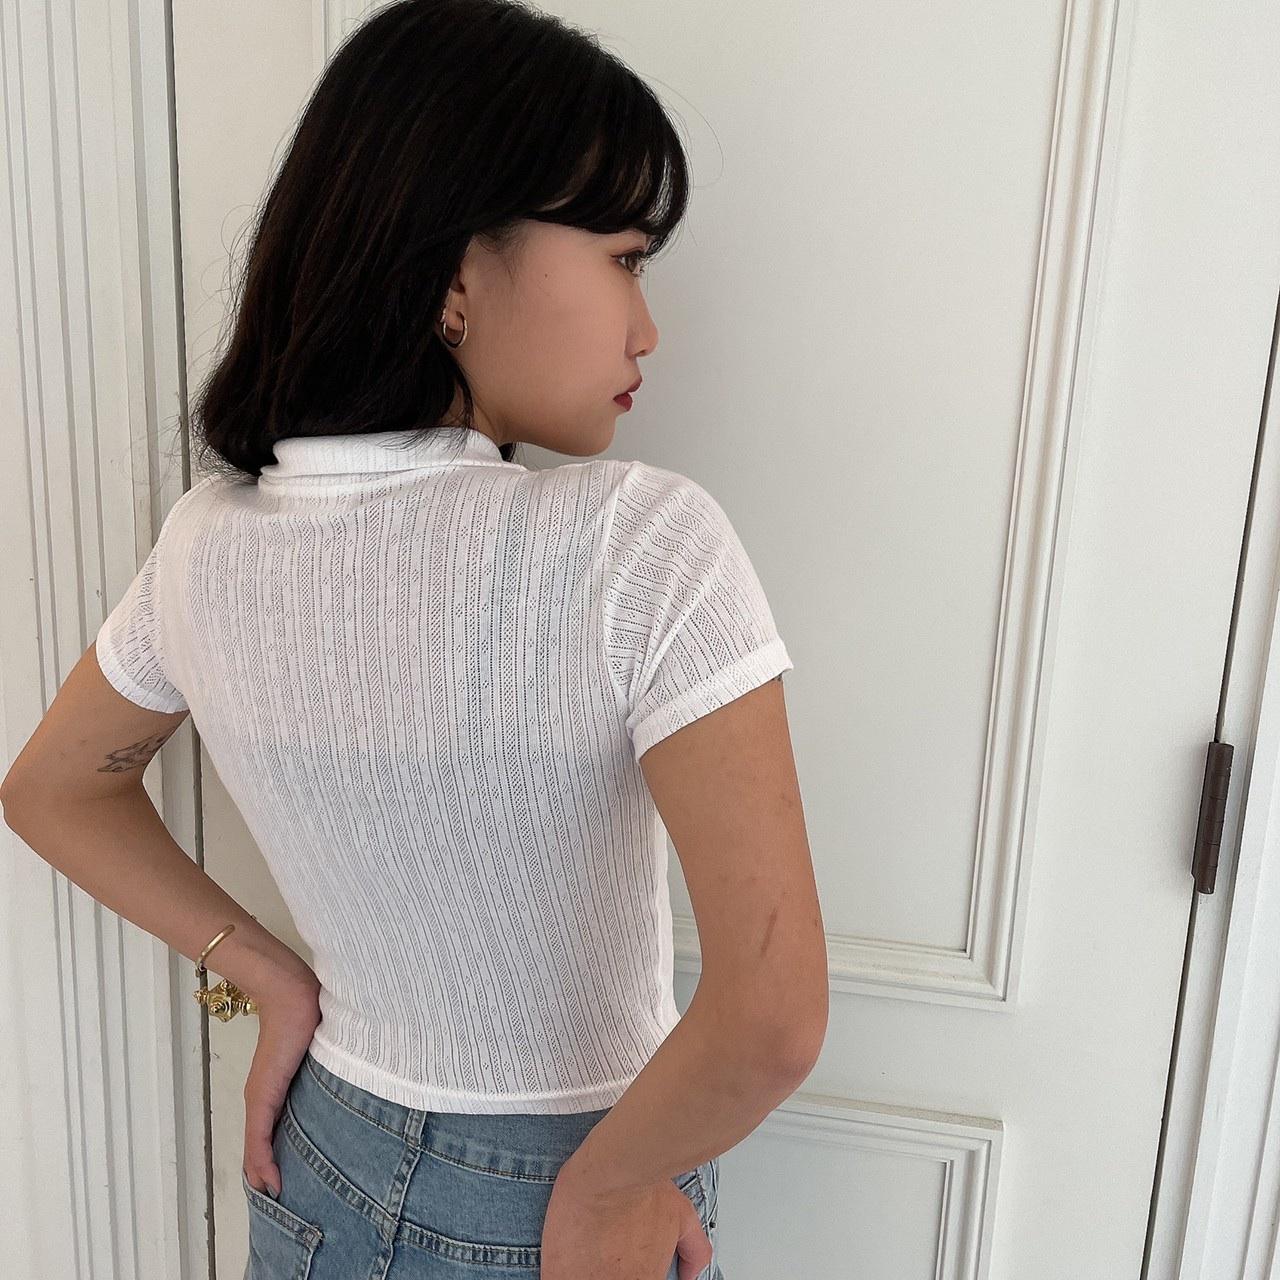 【Belle】front zip tops / ivory